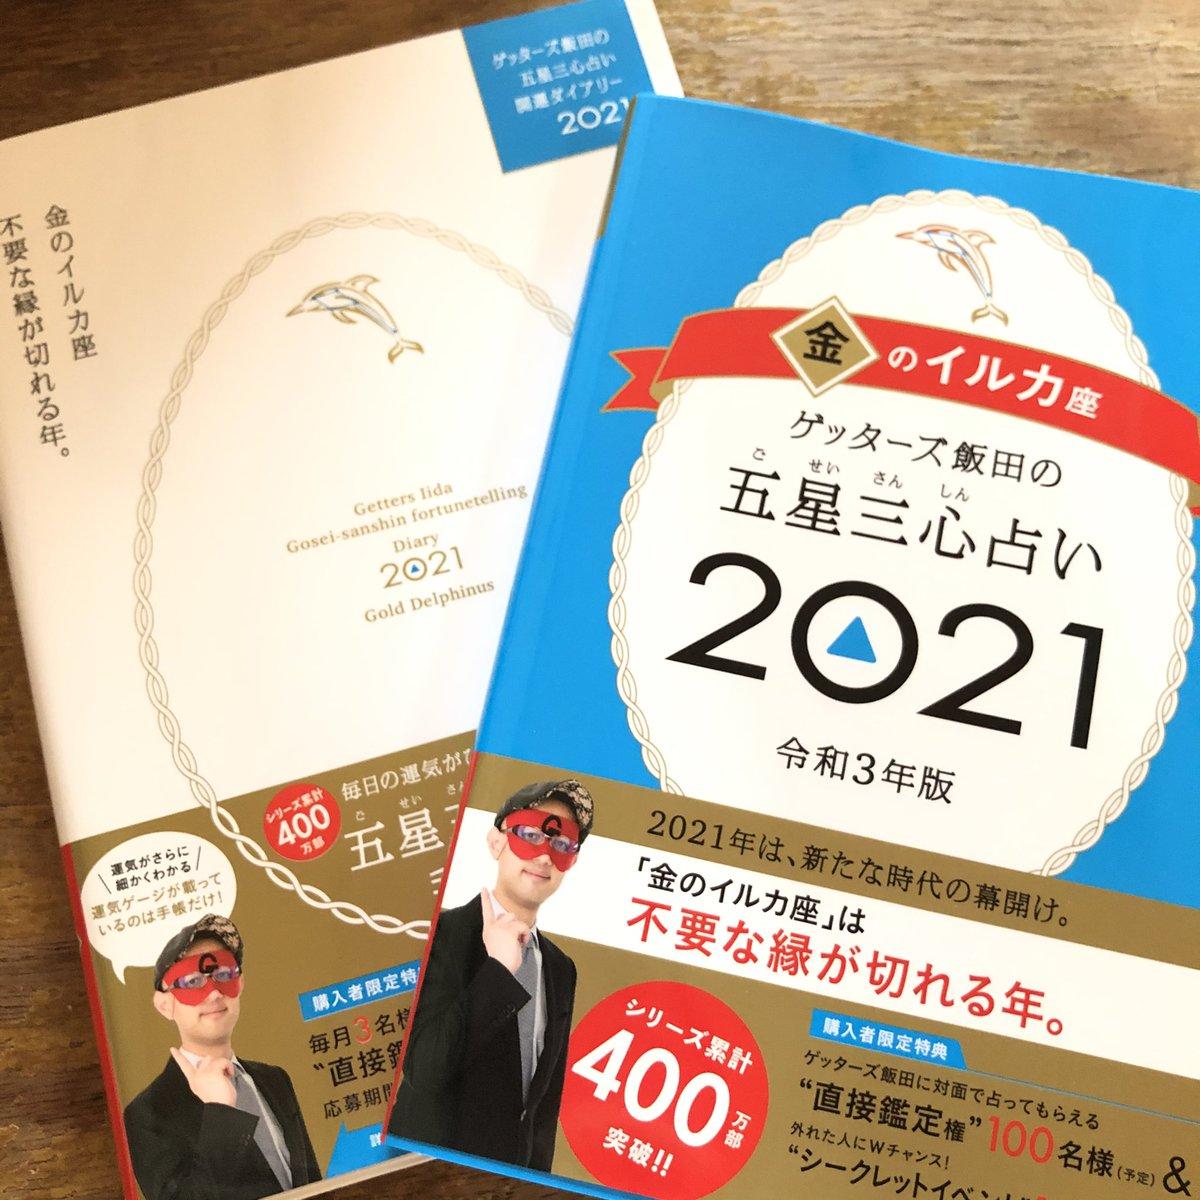 2020 金 の イルカ